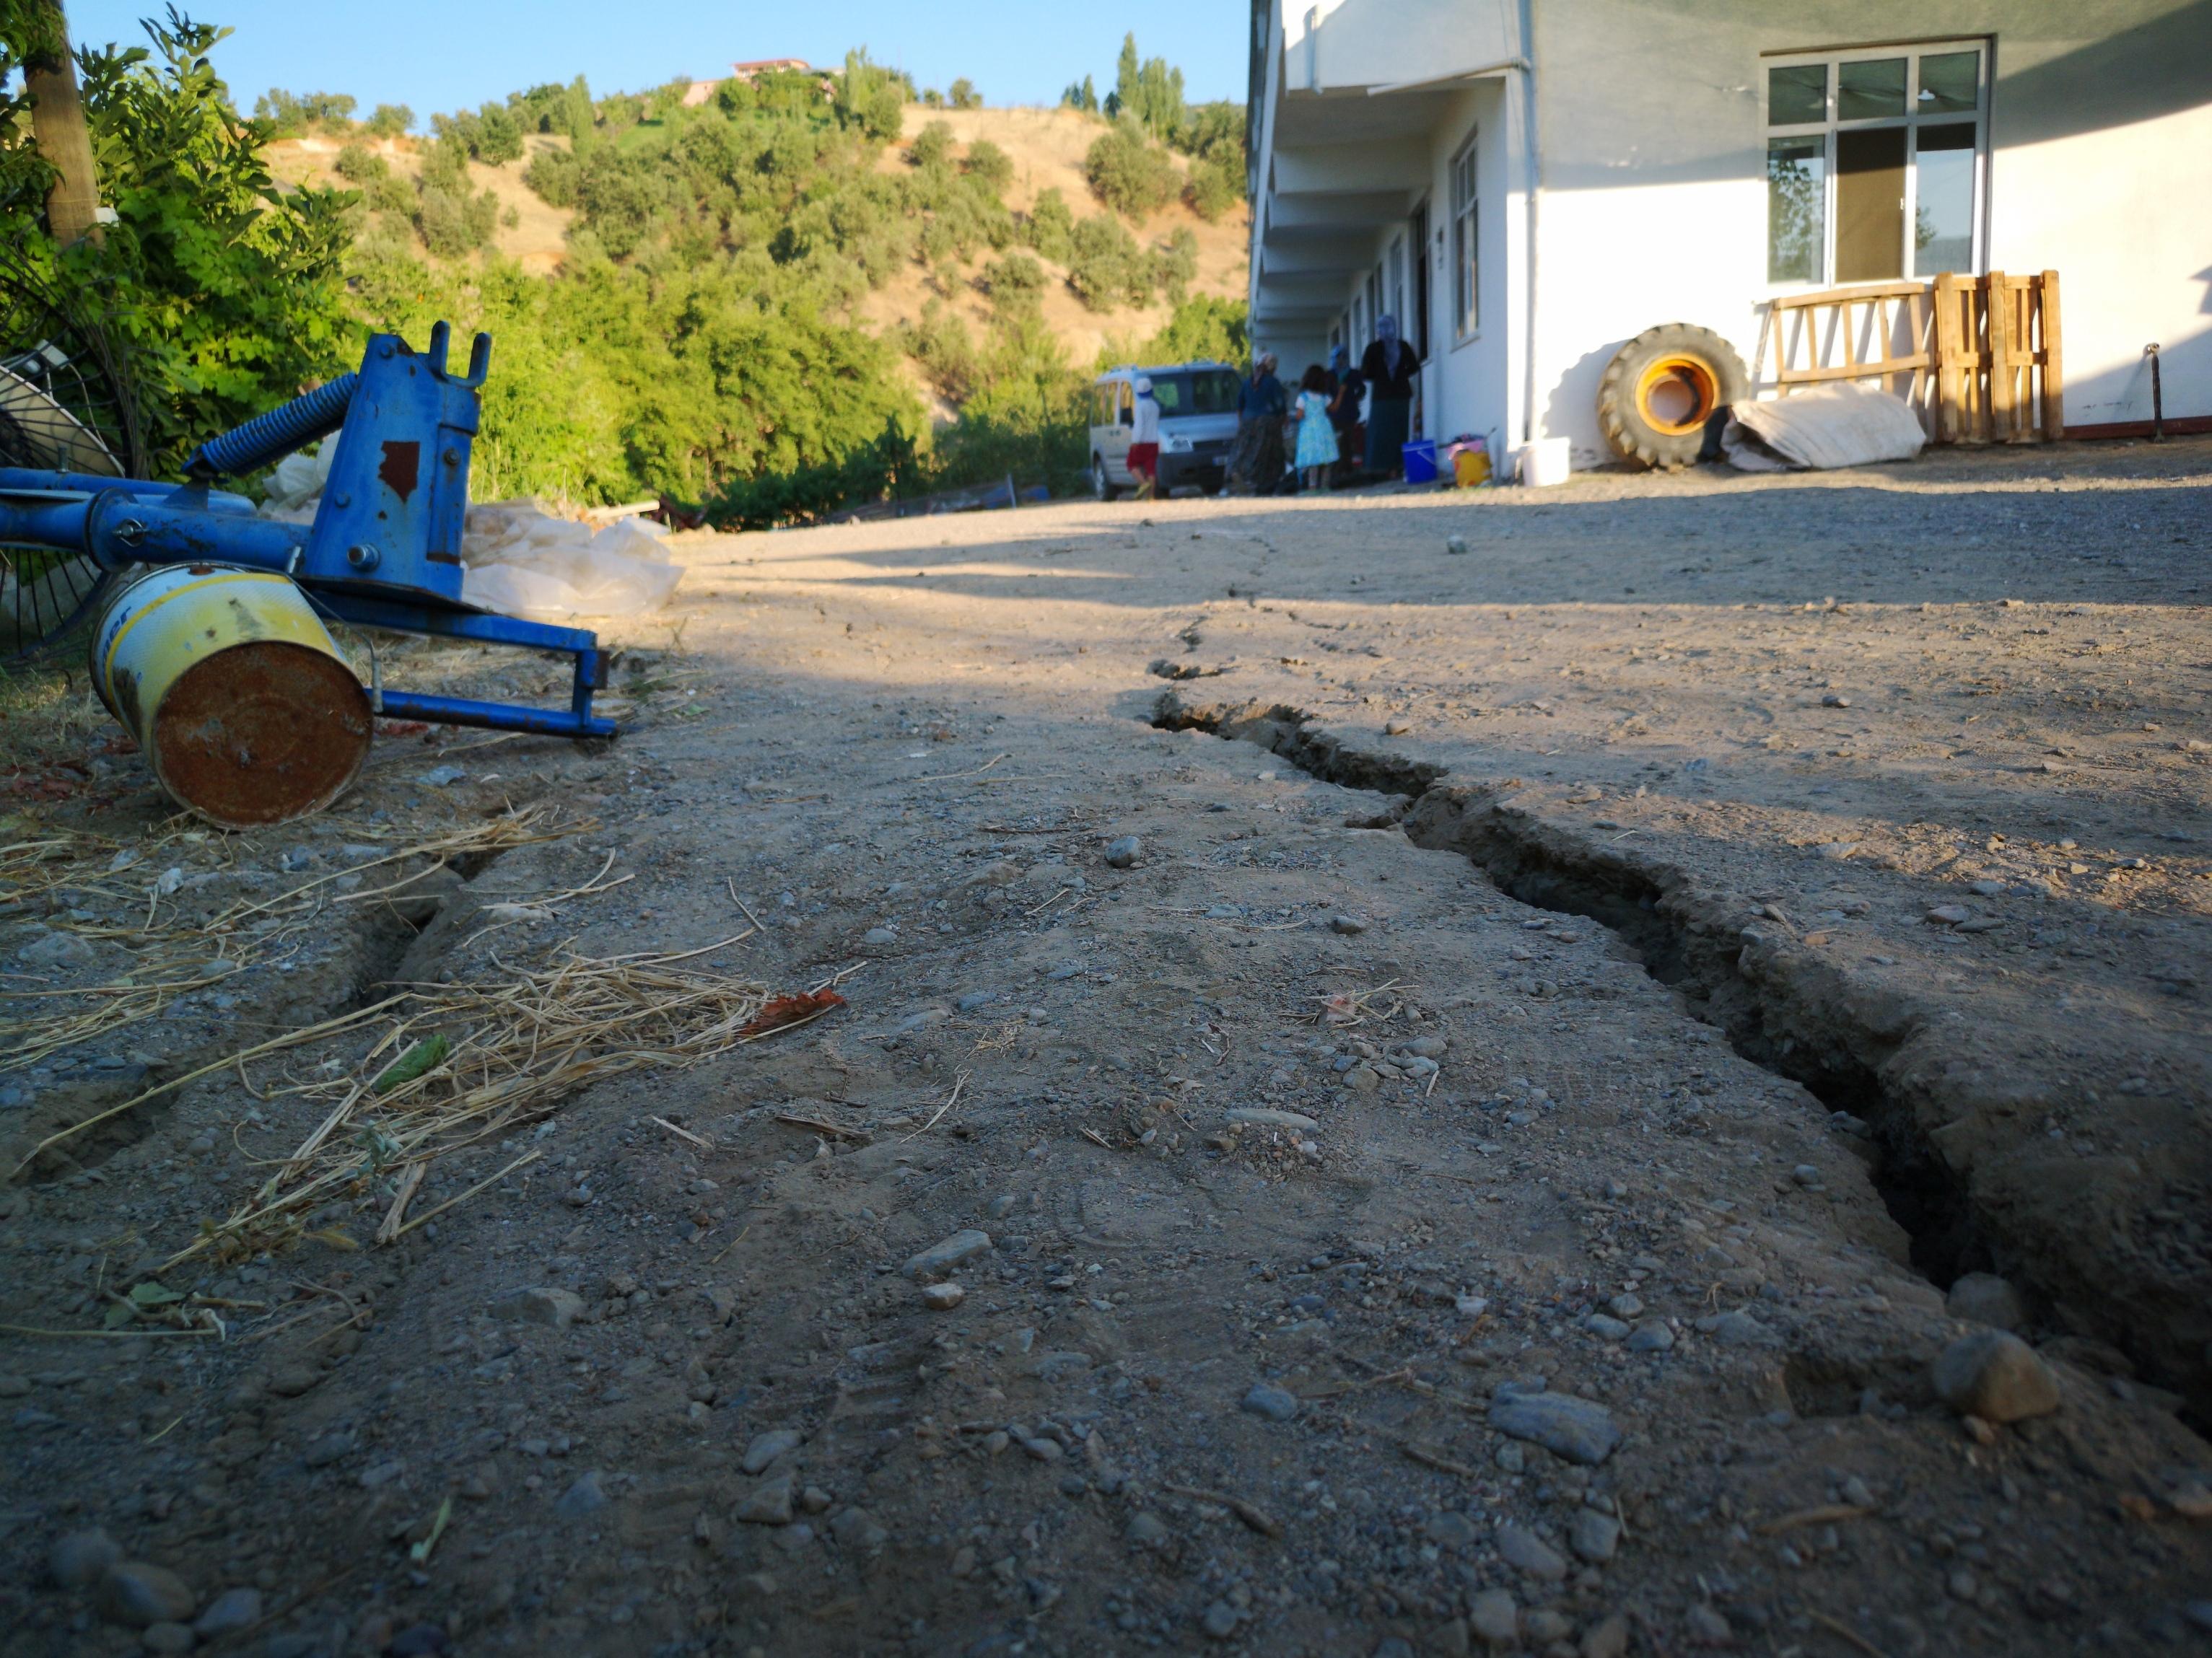 5-2lik-depremden-sonra-malatyada-derin-yariklar-olustu-6885-dhaphoto3.jpg